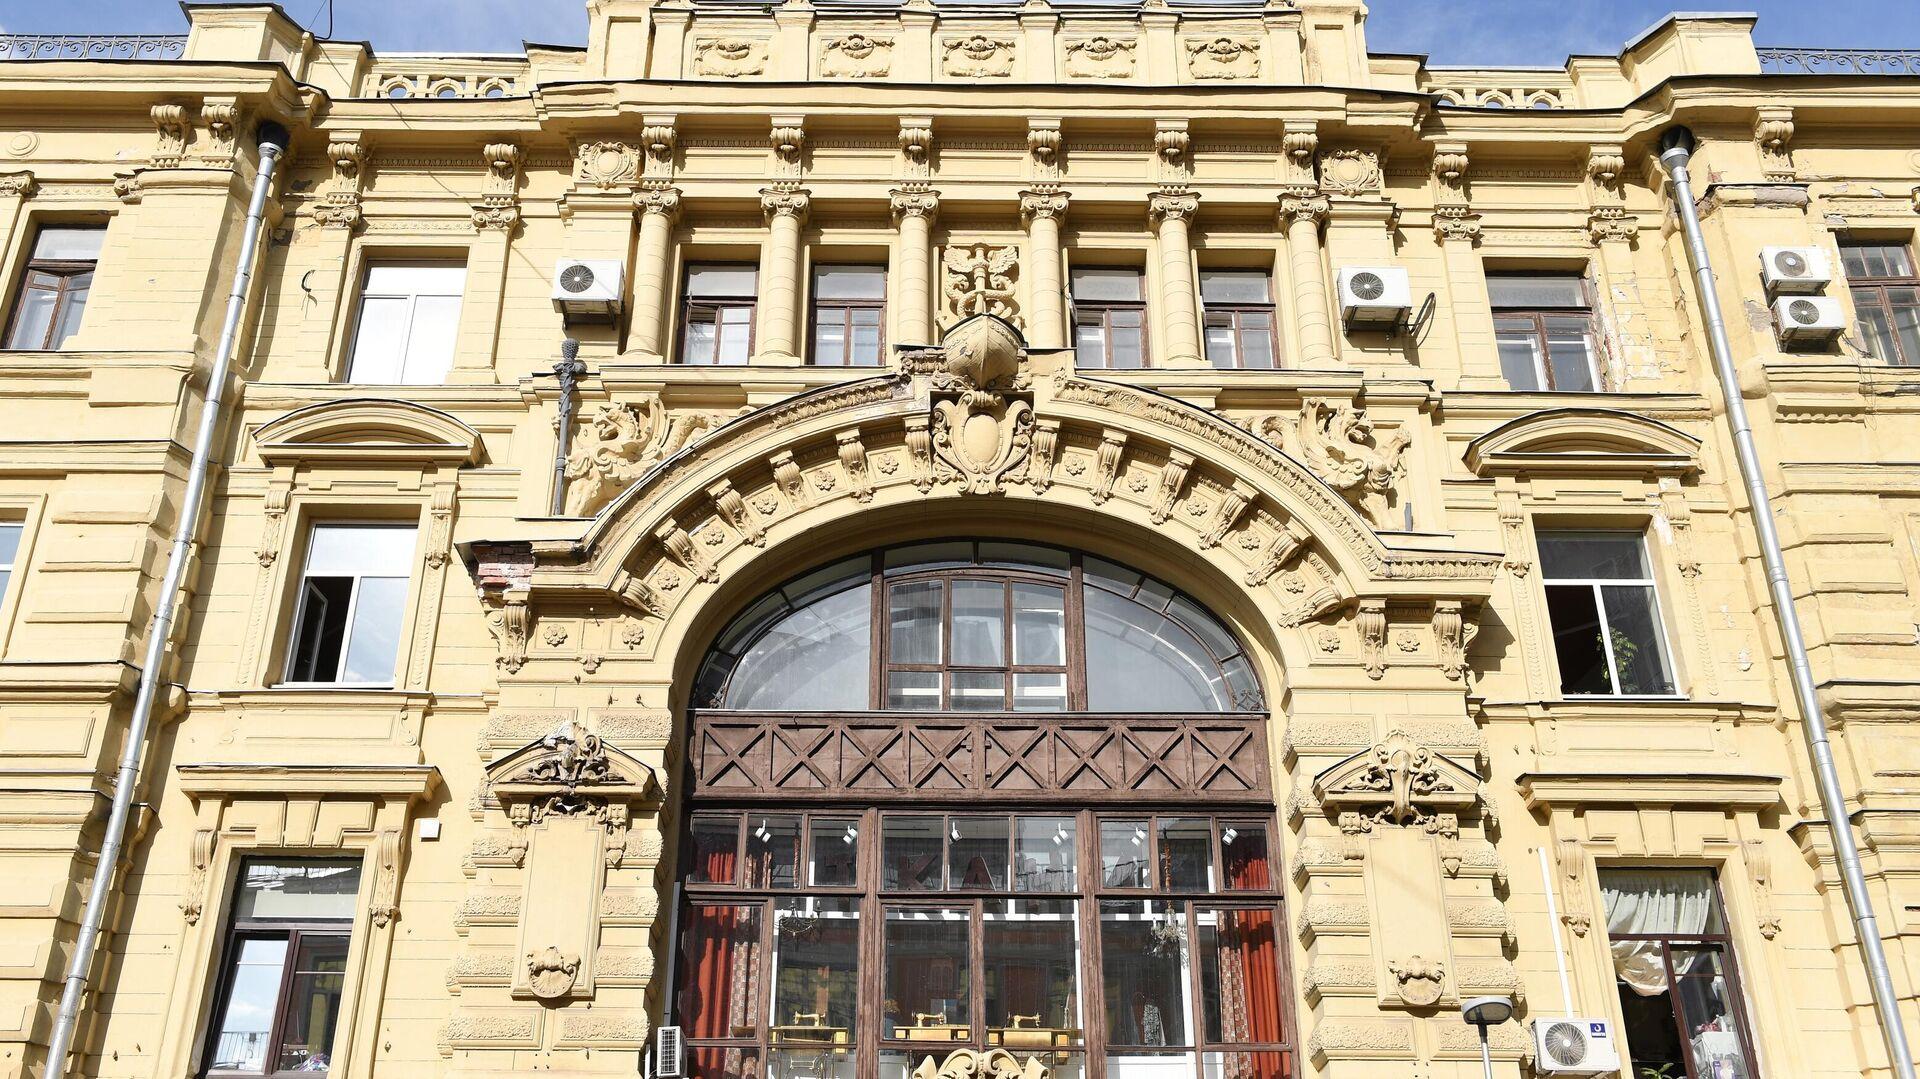 Многоквартирный дом на улице Кузнецкий Мост, 19 в Москве - РИА Новости, 1920, 14.07.2021